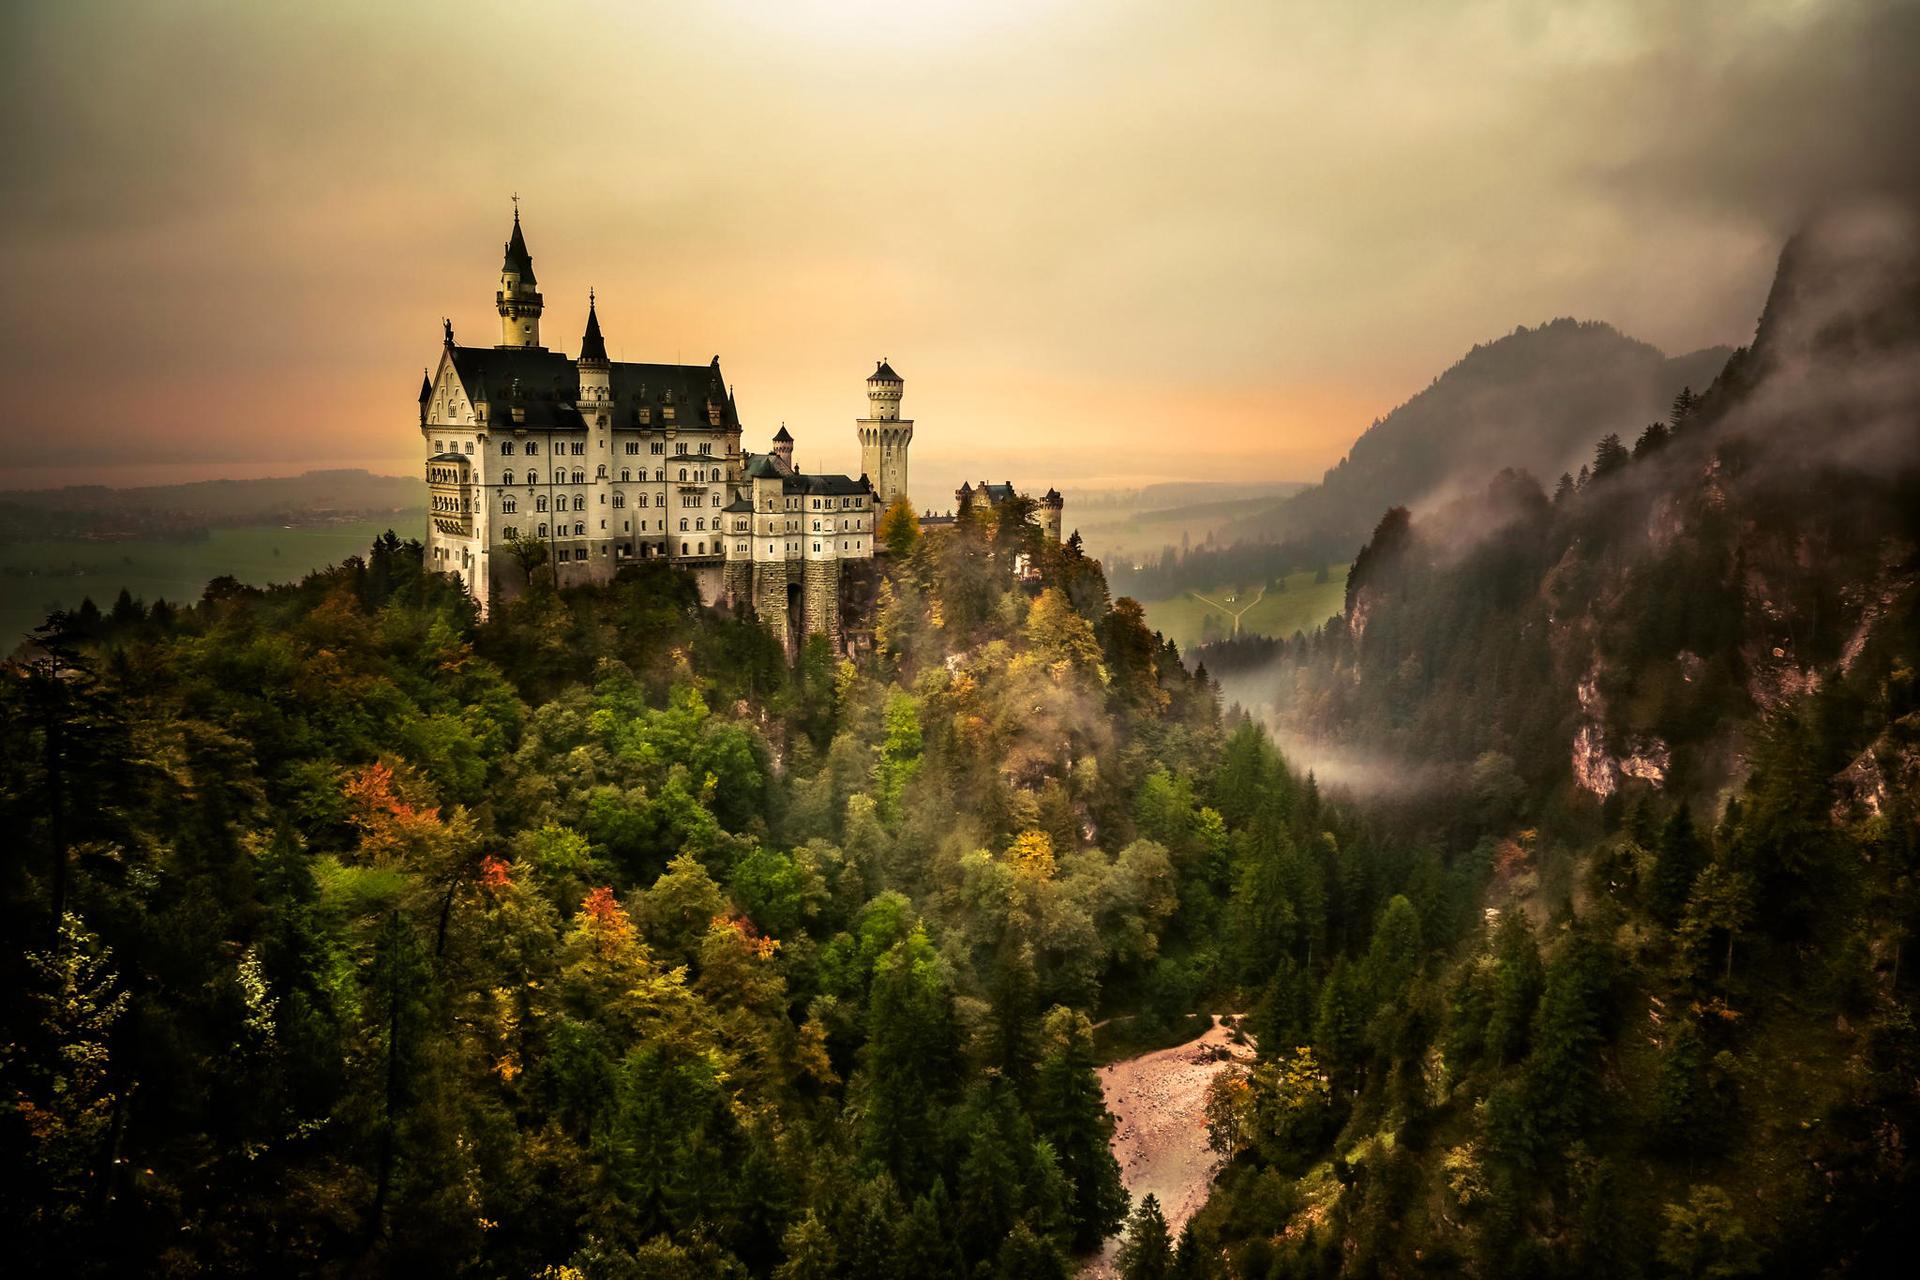 картинки про природу и замки наверное, поэтому именно